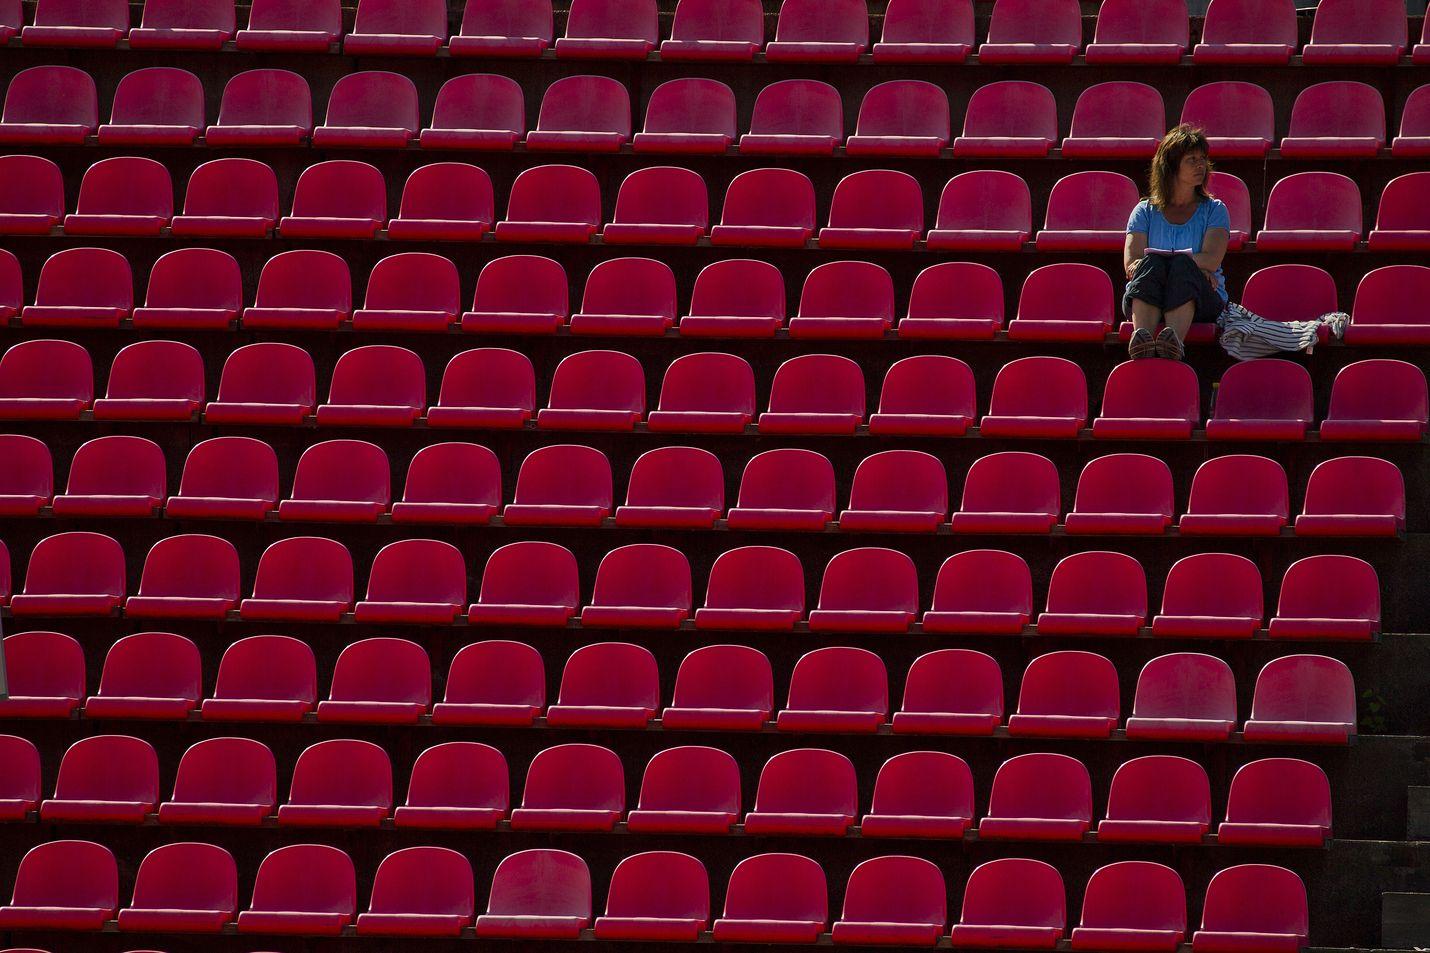 Se on tätä nyt. Urheilukatsomoissa on tyhjää.